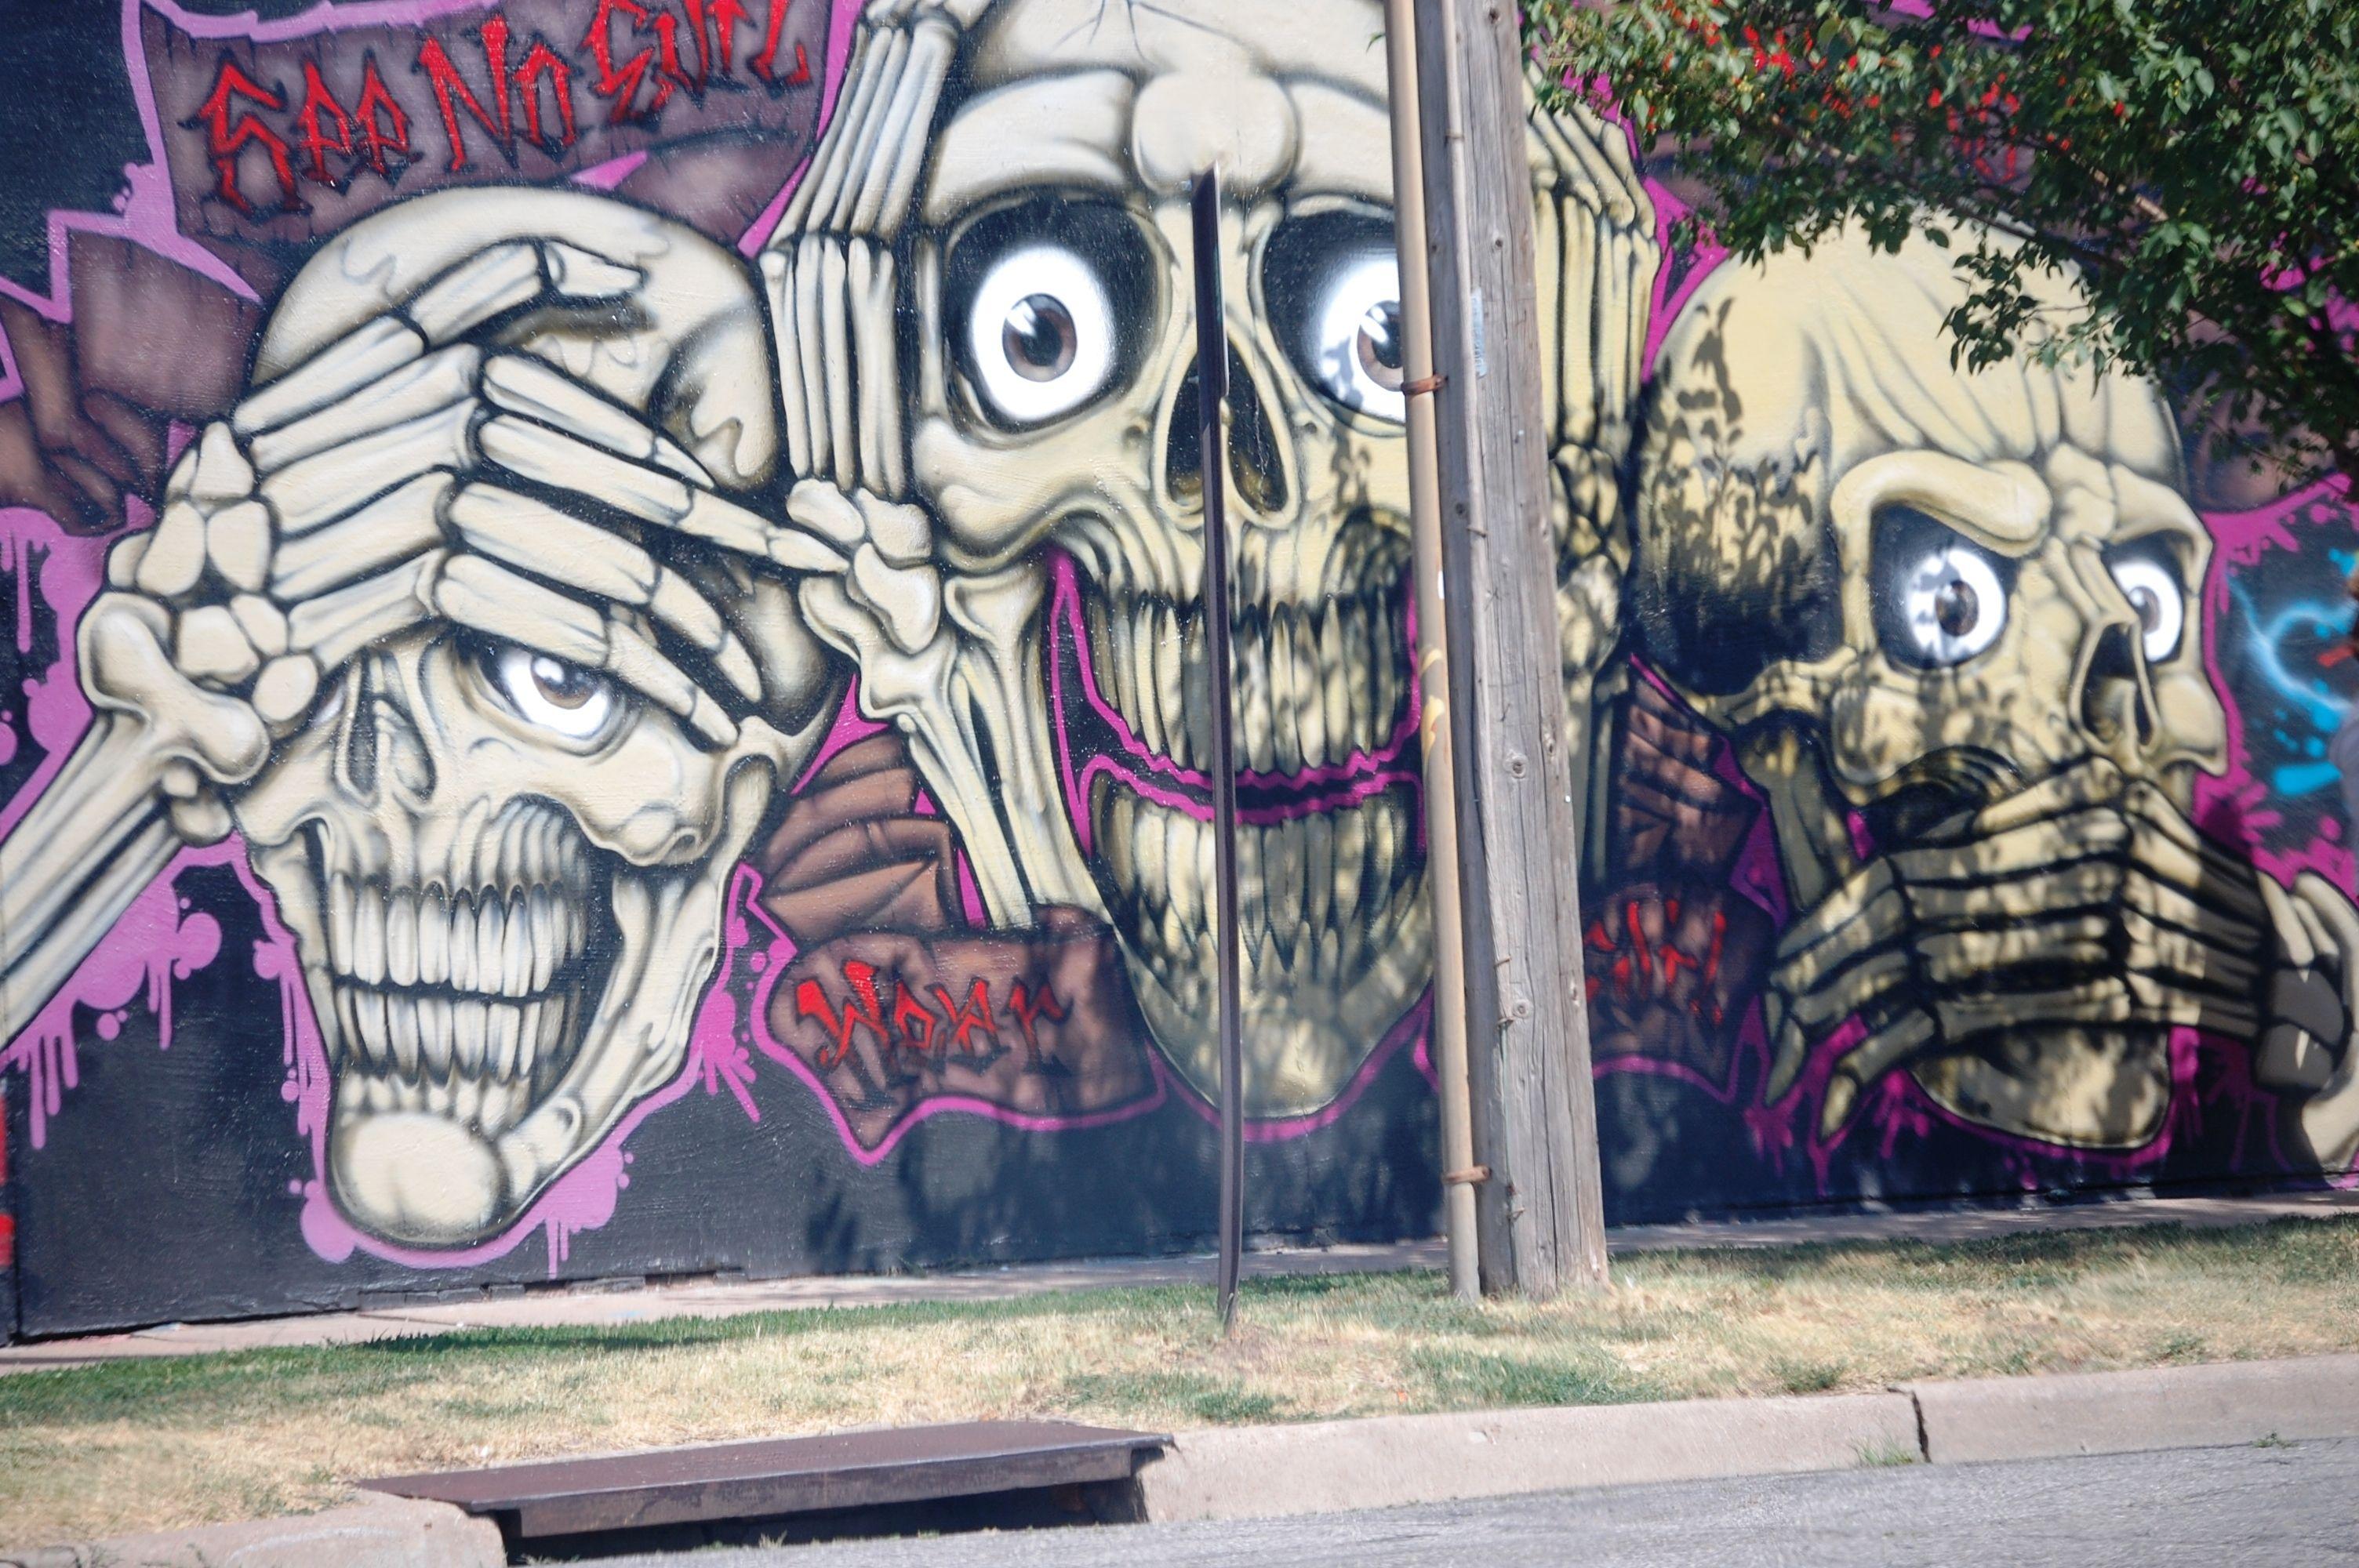 Graffiti wall toronto downtown - Wall Art In Wichita Kansas